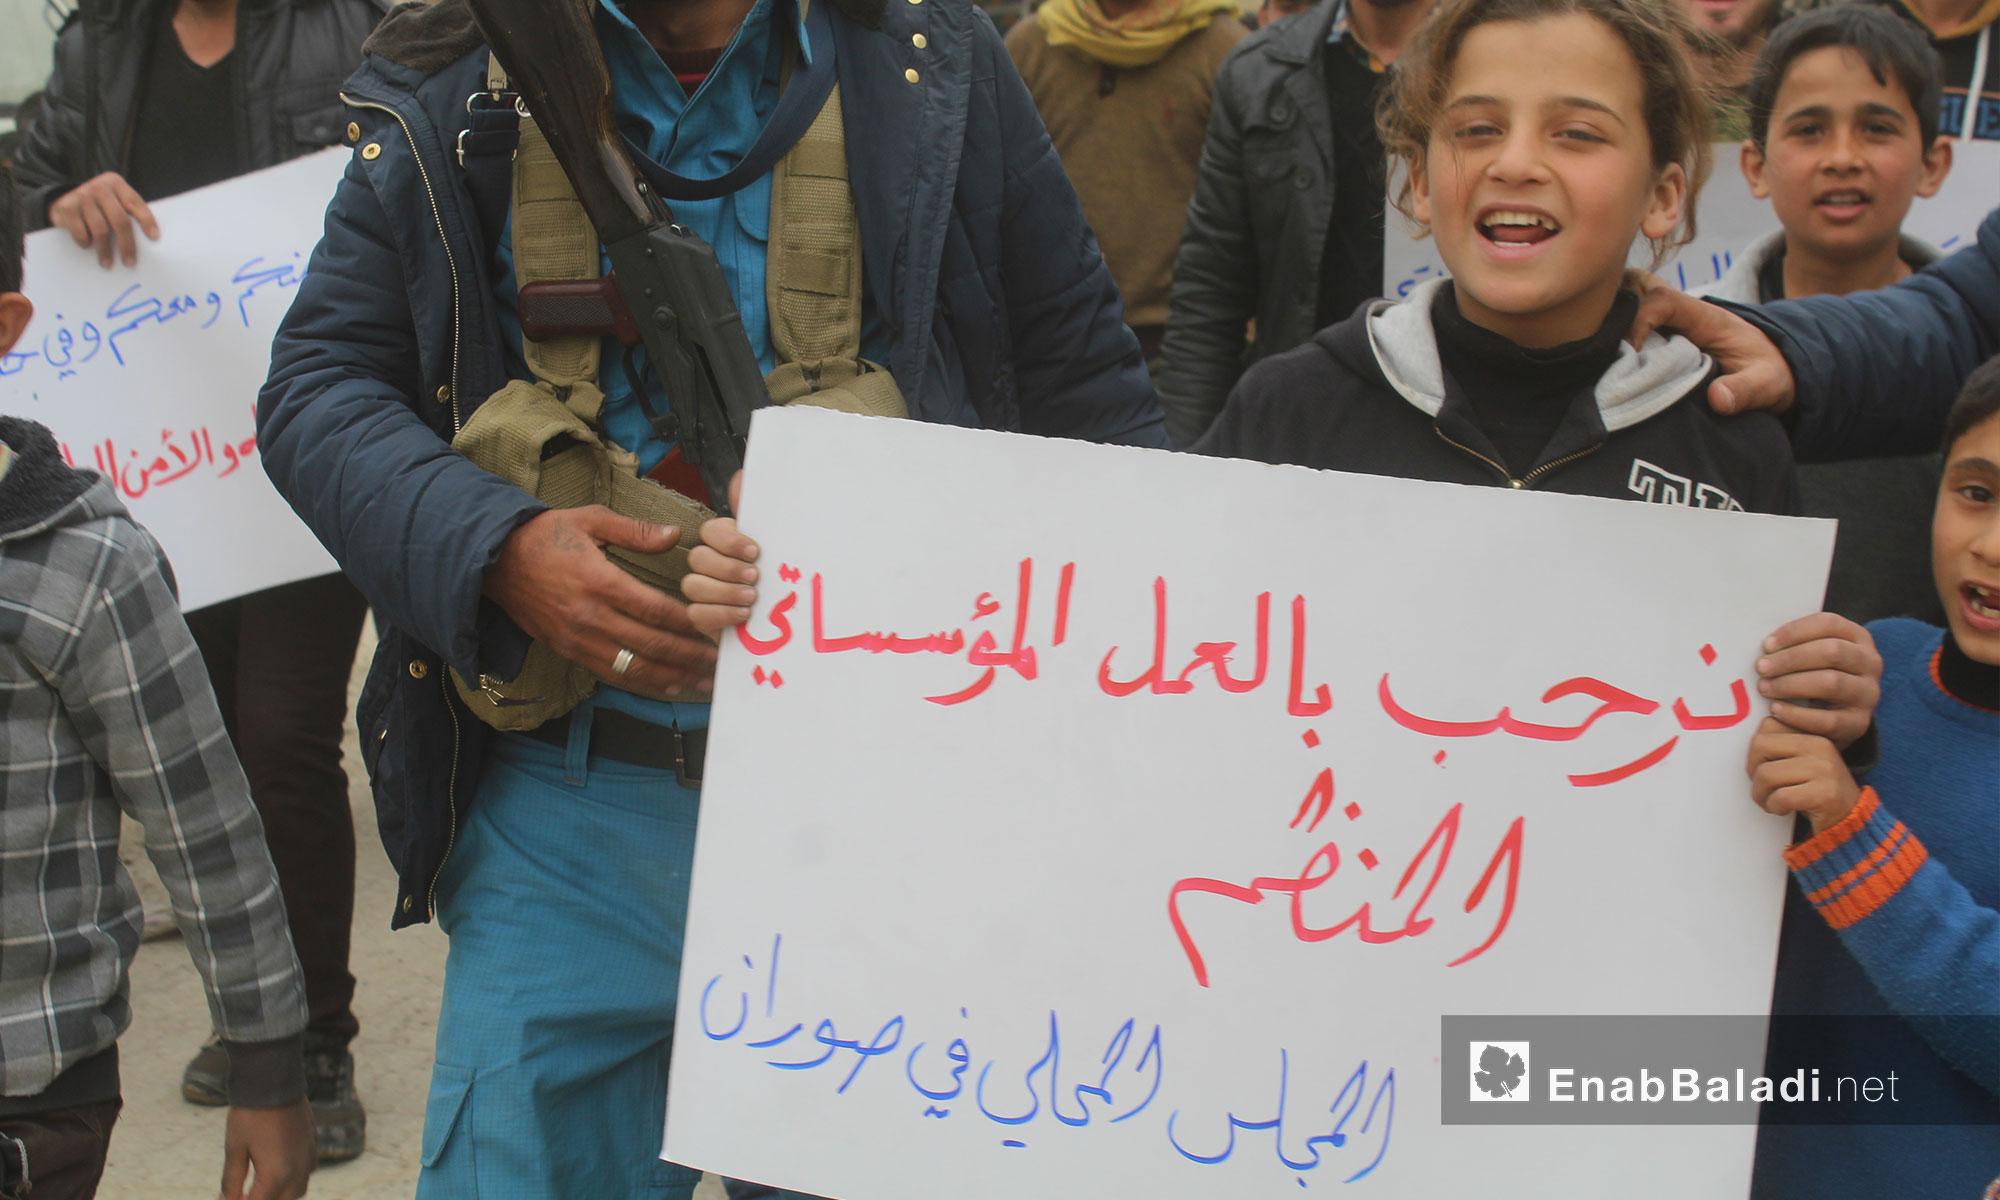 مظاهرة تدعم الشرطة الحرة والعمل المؤسساتي في صوران بريف حلب - 10 آذار 2017 (عنب بلدي)